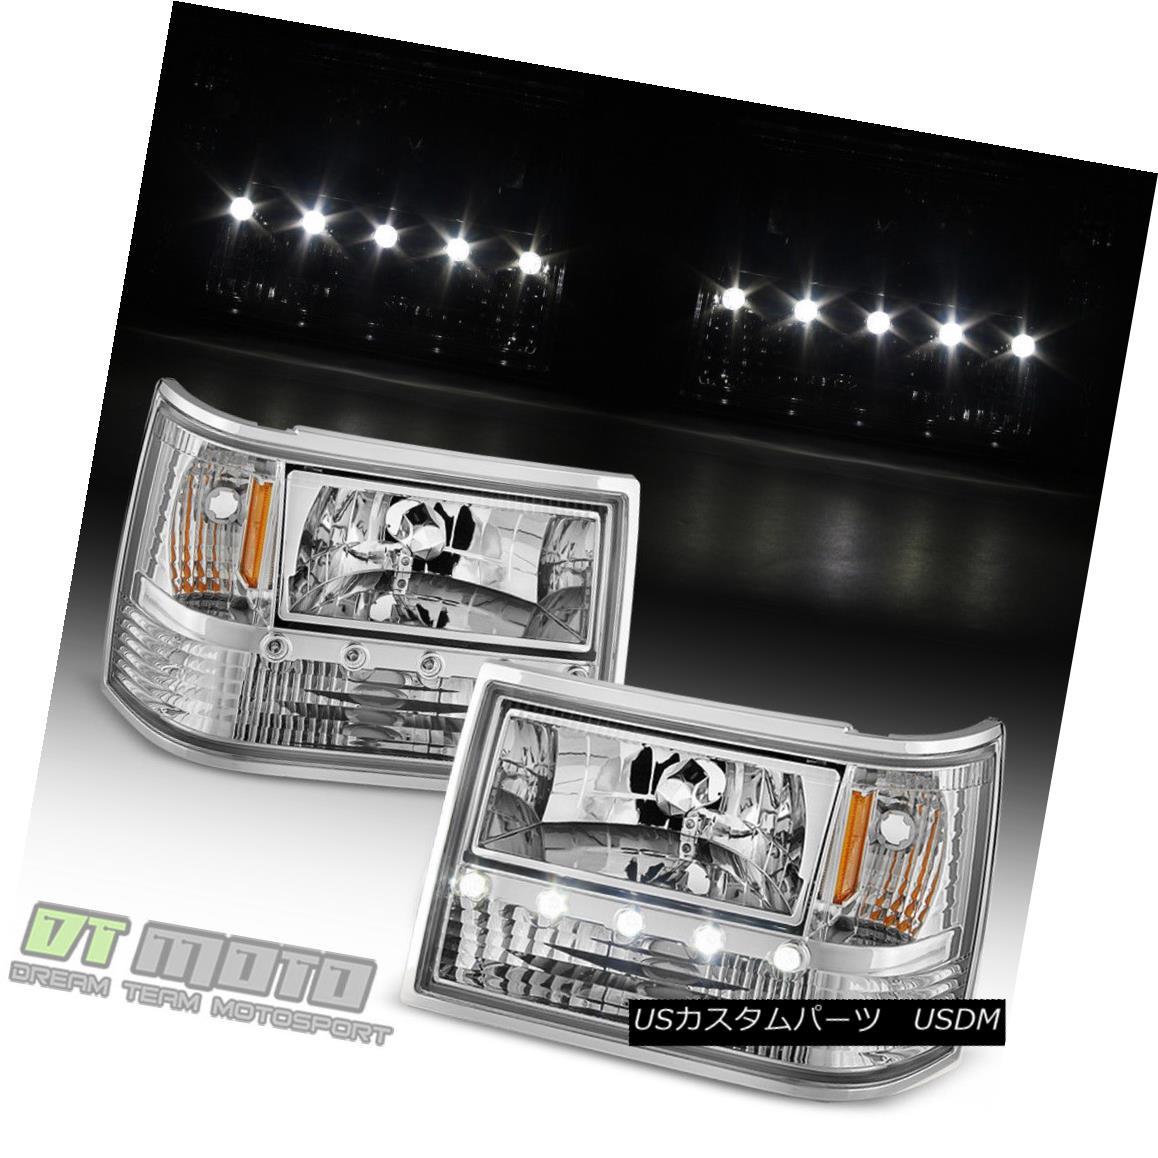 ヘッドライト 1993-1998 Jeep Grand Cherokee 6in1 LED DRL Headlights+Corner Bumper Lights 93-98 1993-1998 Jeep Grand Cherokee 6in1 LED DRLヘッドライト+コルク nerバンパーライト93-98